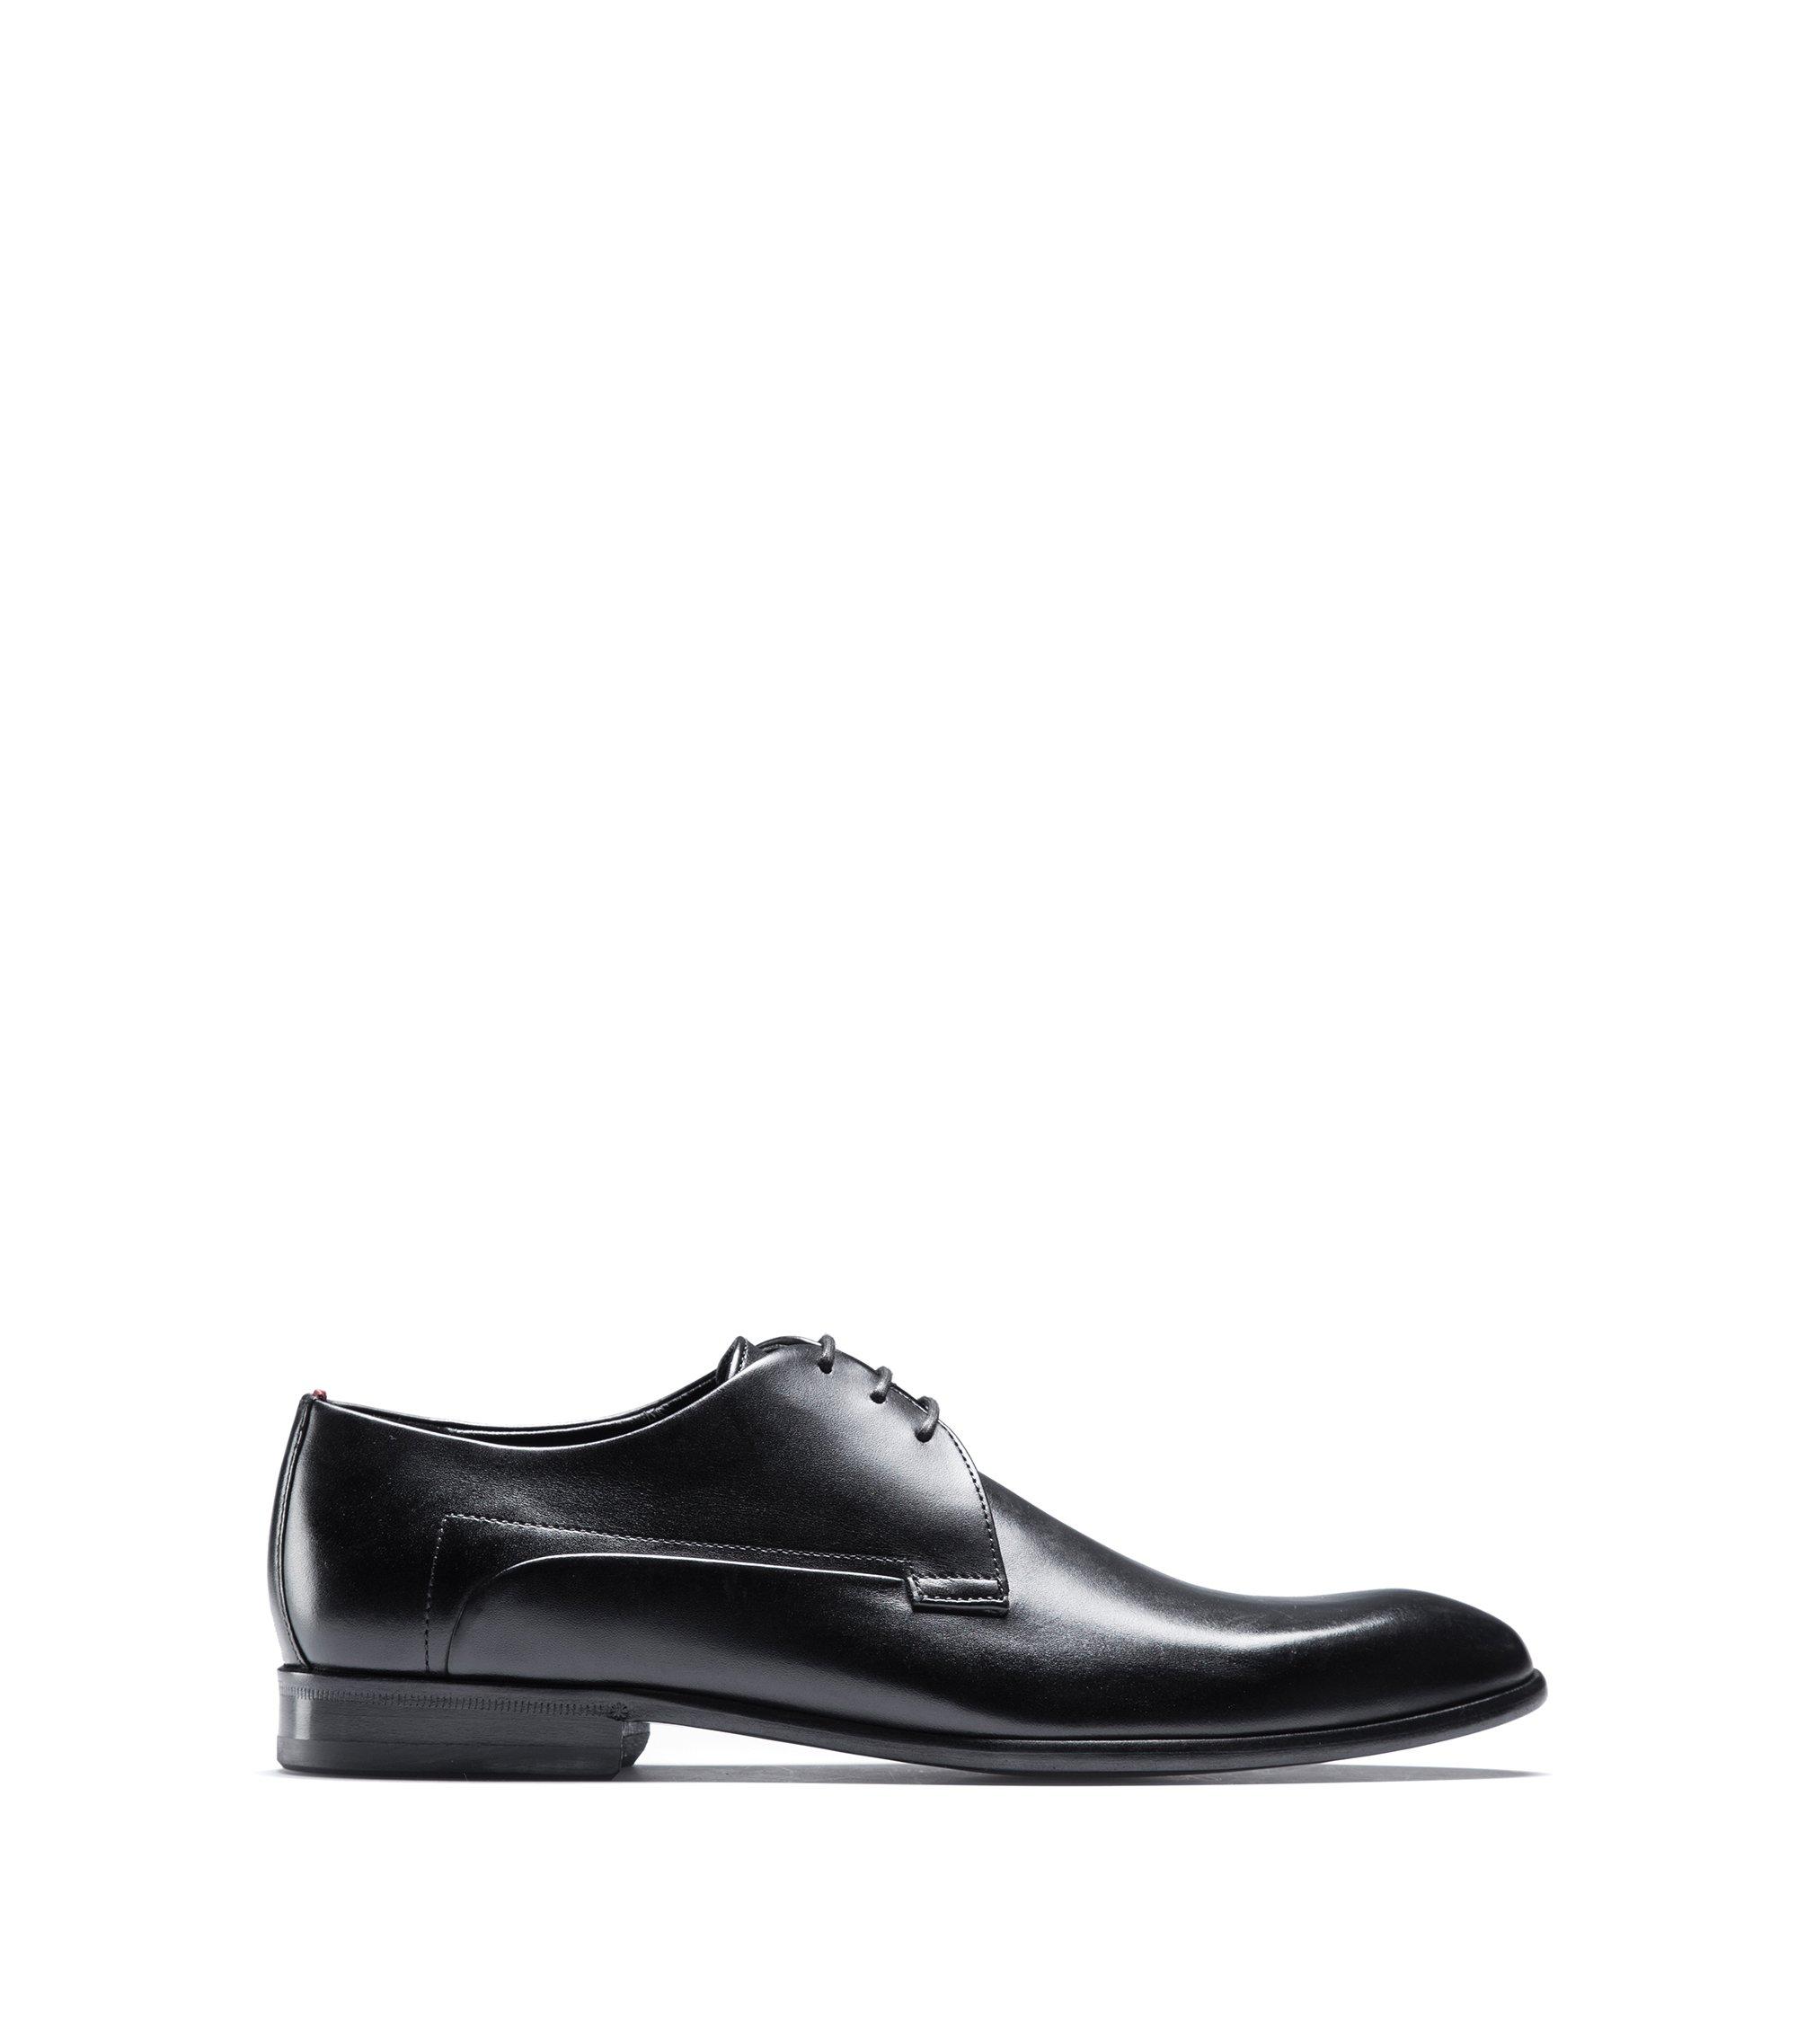 Chaussures derby en cuir de veau avec semelle tout cuir, Noir